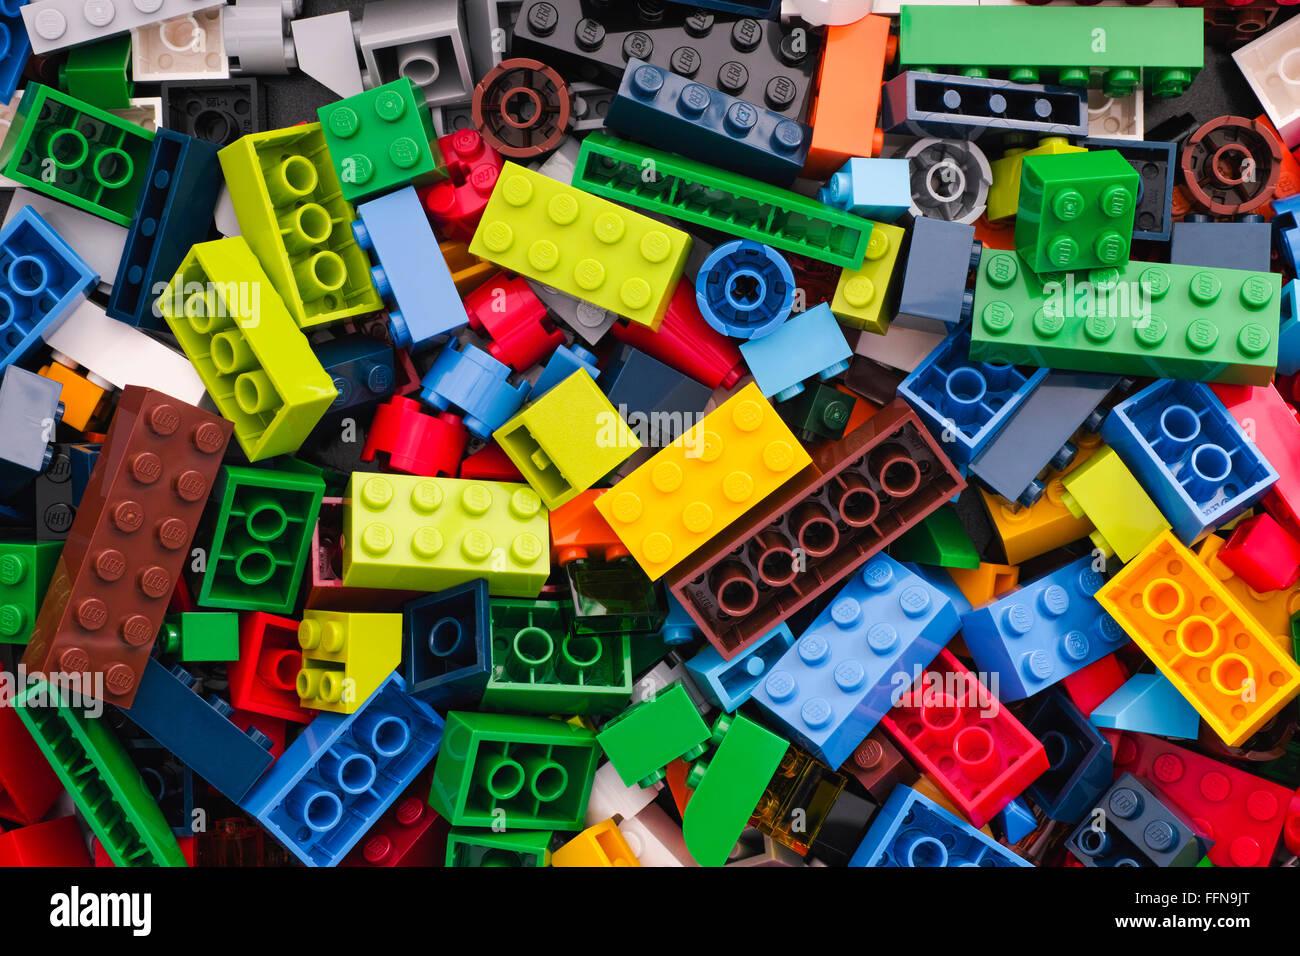 Tambov, Rusia - Marzo 24, 2015 montón de bloques Lego multicolor. Foto de estudio. Imagen De Stock